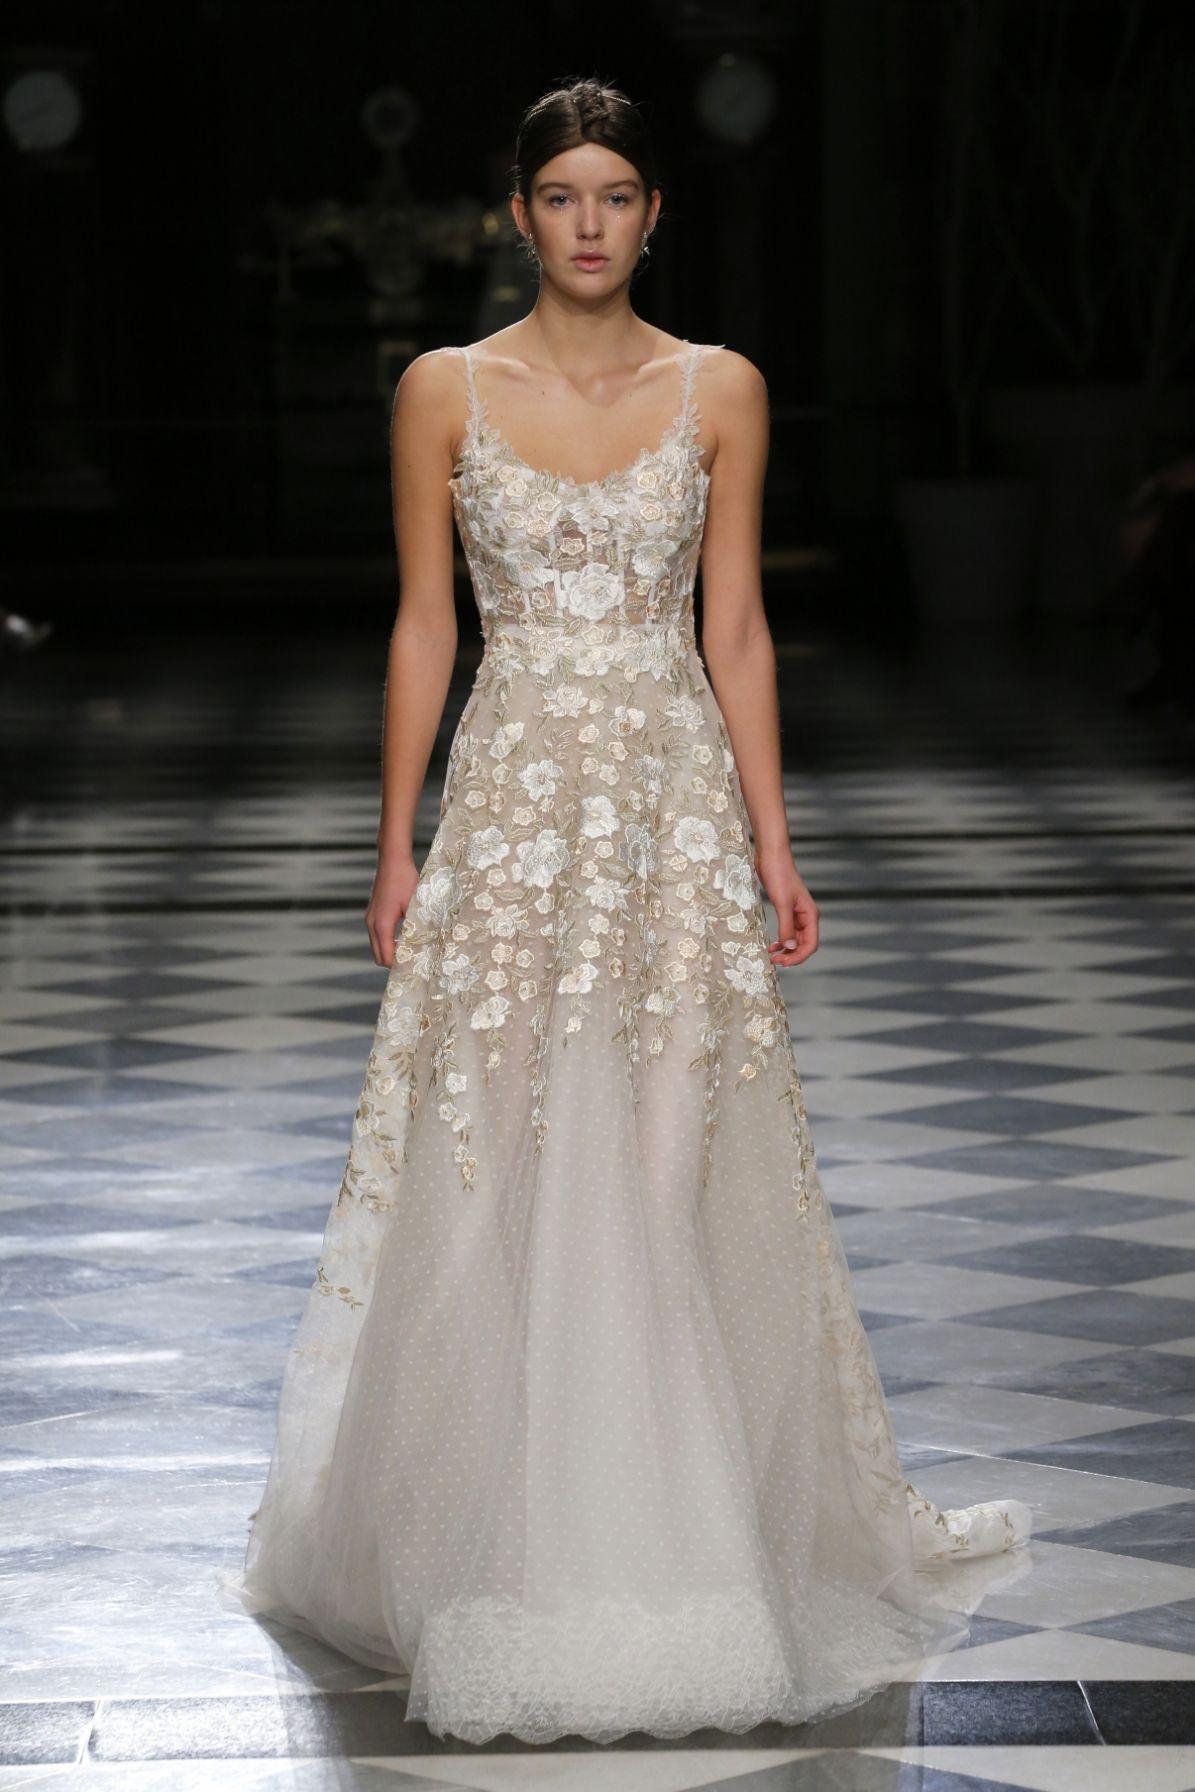 Custom made wedding dress  MAUPAS haute couture bride dresses romantic bride dresses high